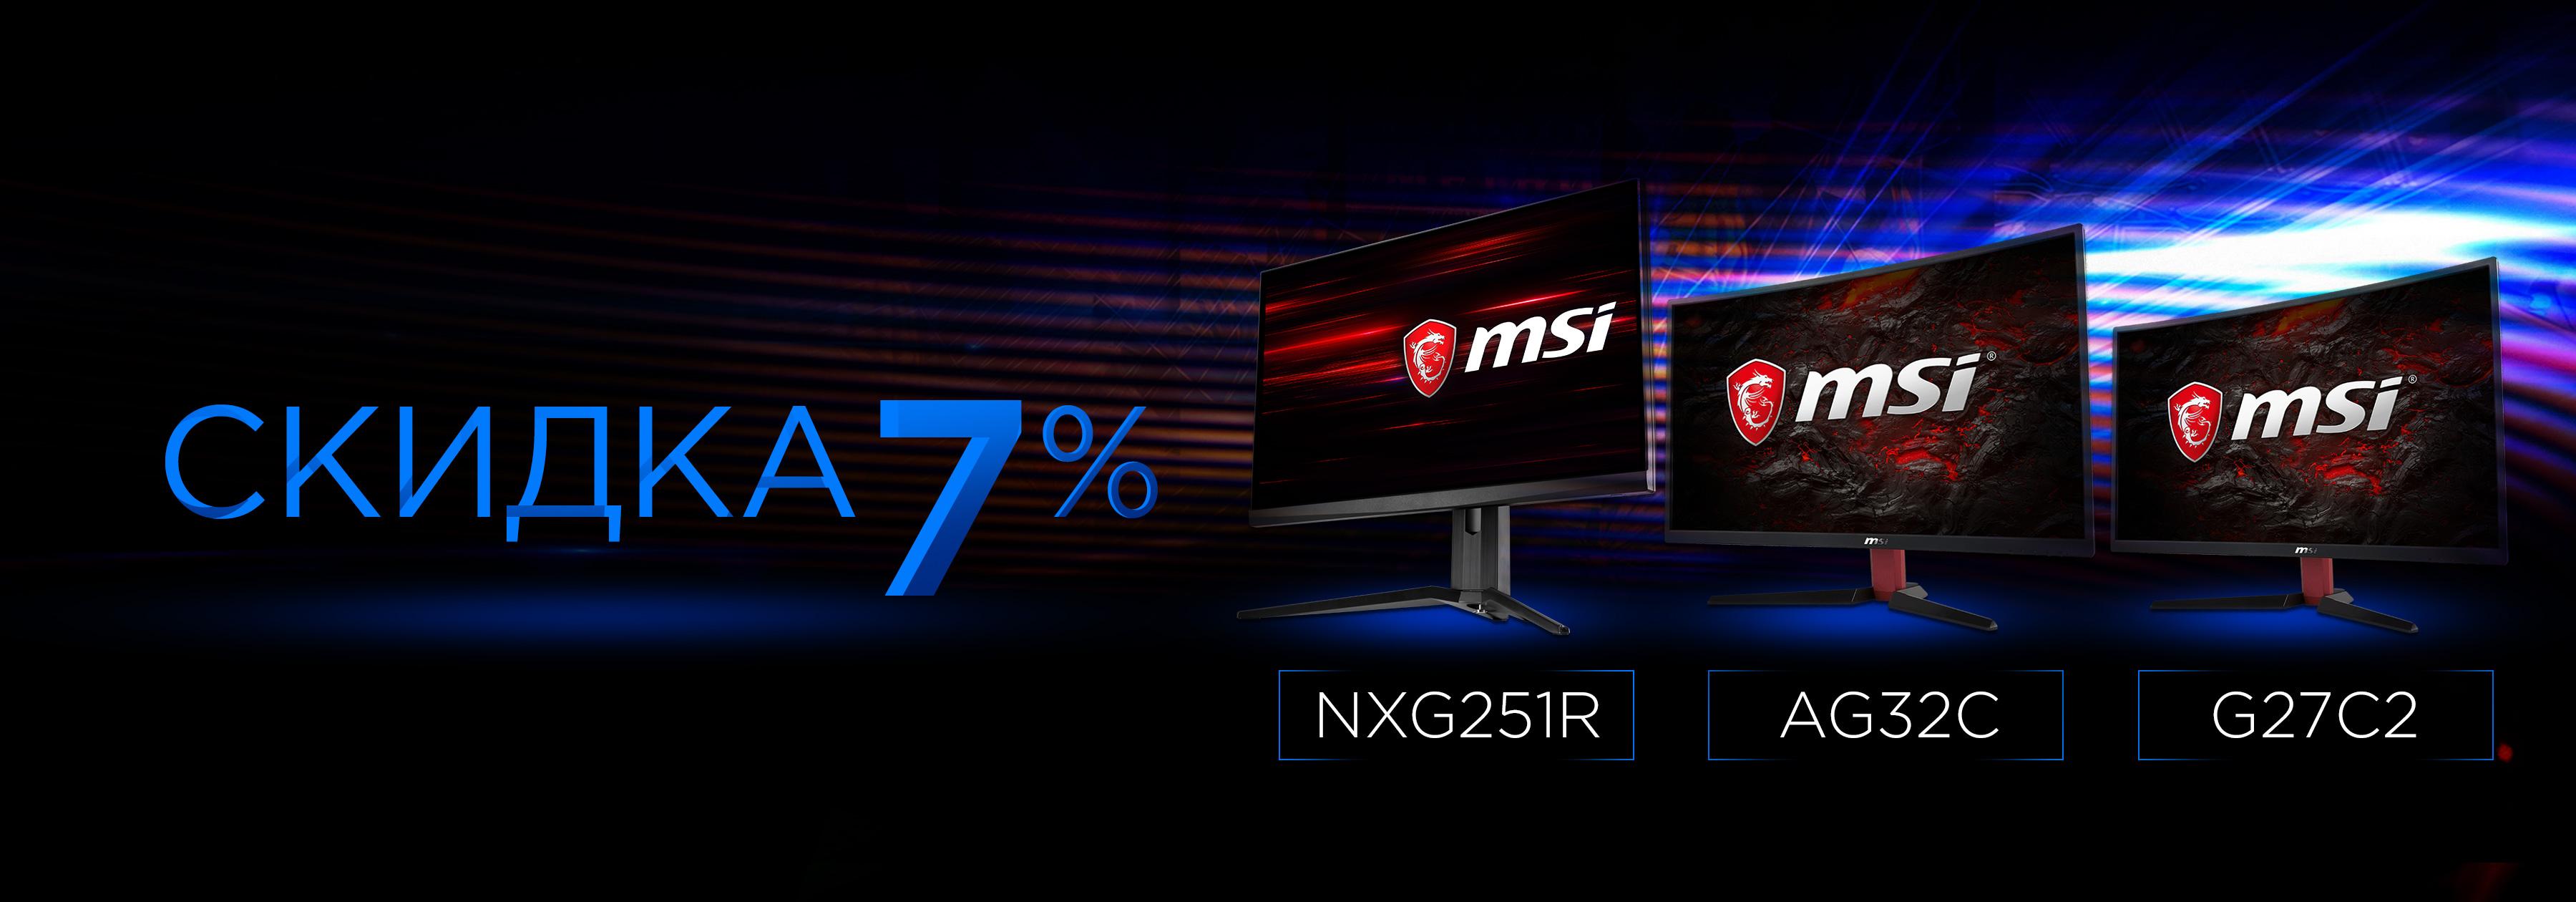 Мониторы MSI с выгодой 7% в OLDI